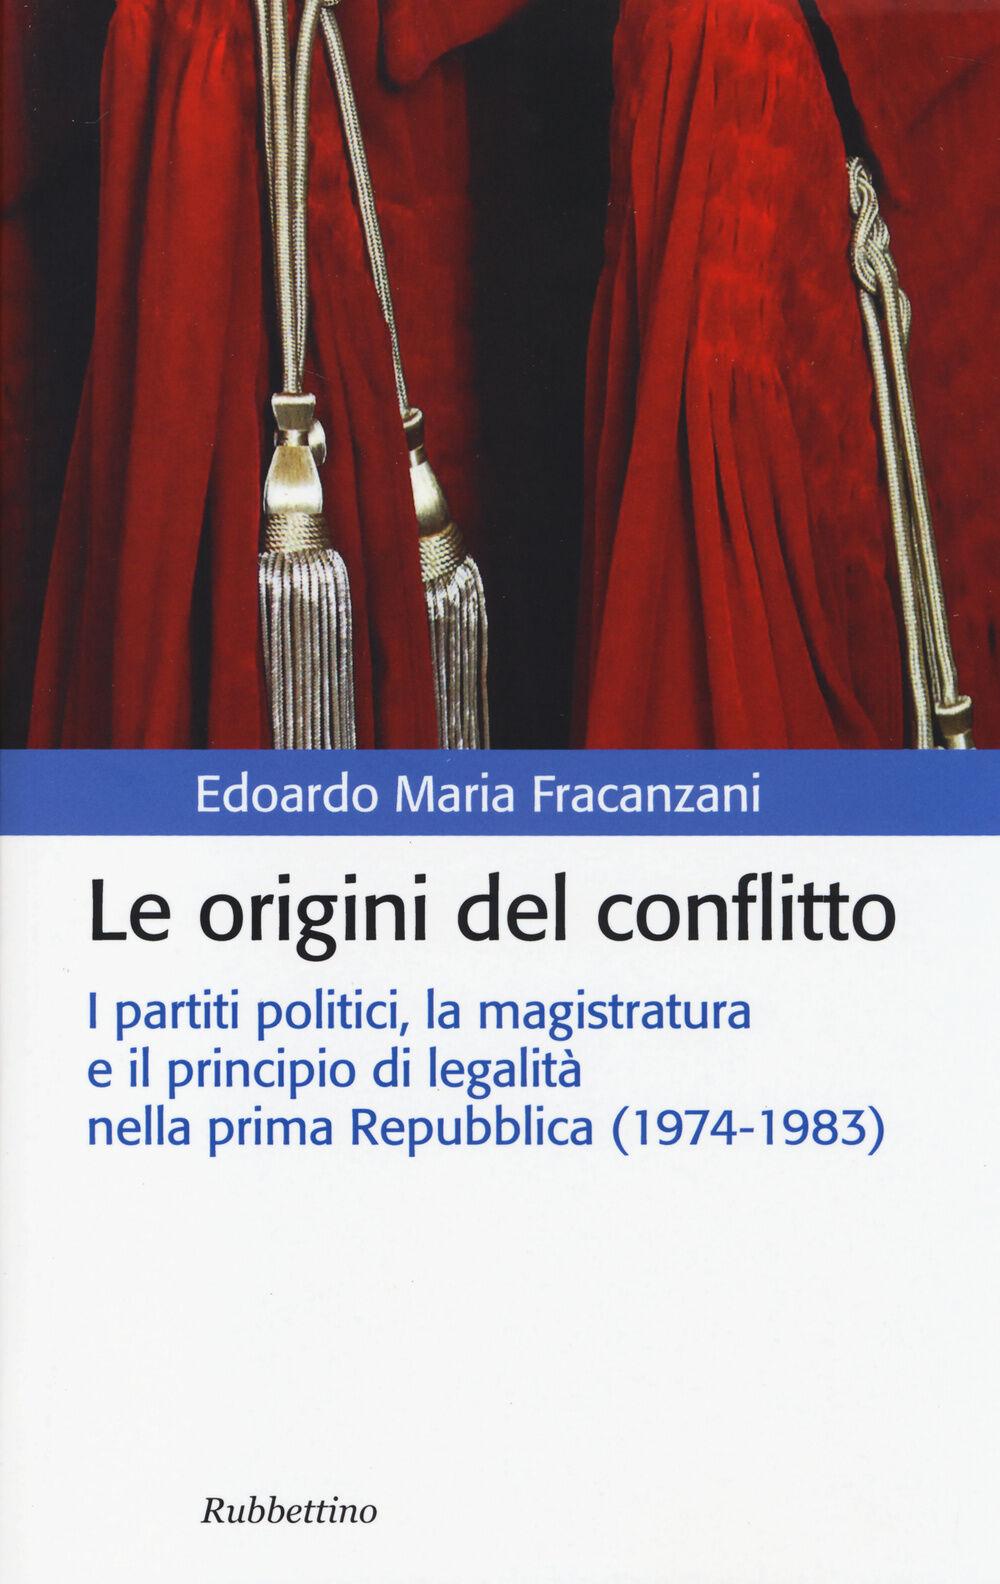 Le origini del conflitto. I partiti politici, la magistratura e il principio di legalità nella prima Repubblica (1974-1983)